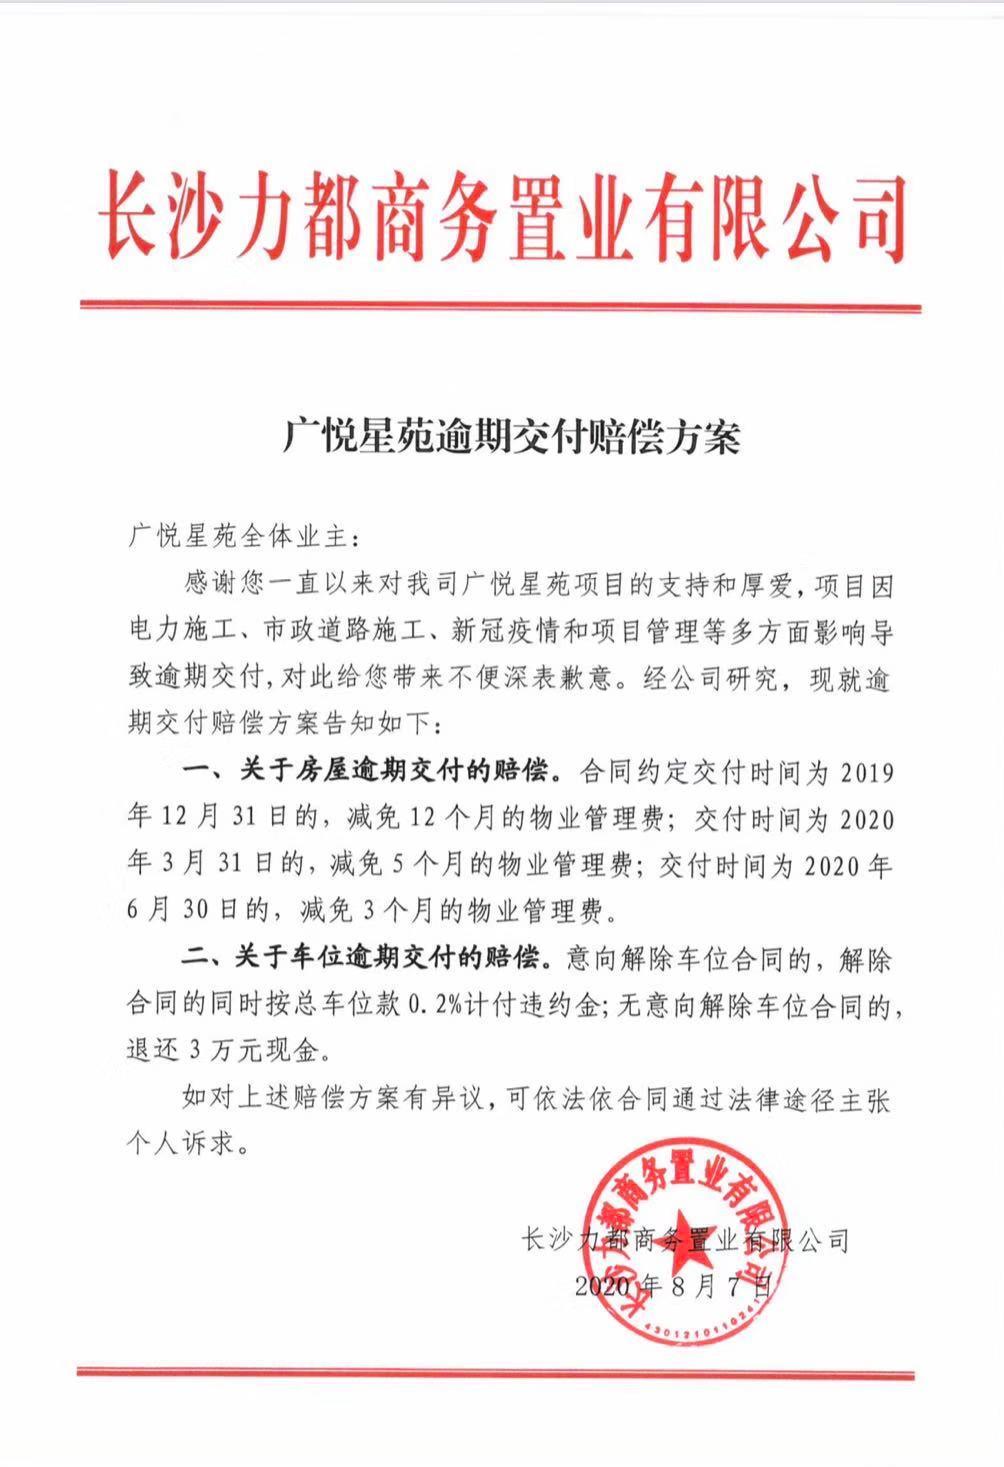 业主|长沙星沙广悦星苑团购房交房时问题频出